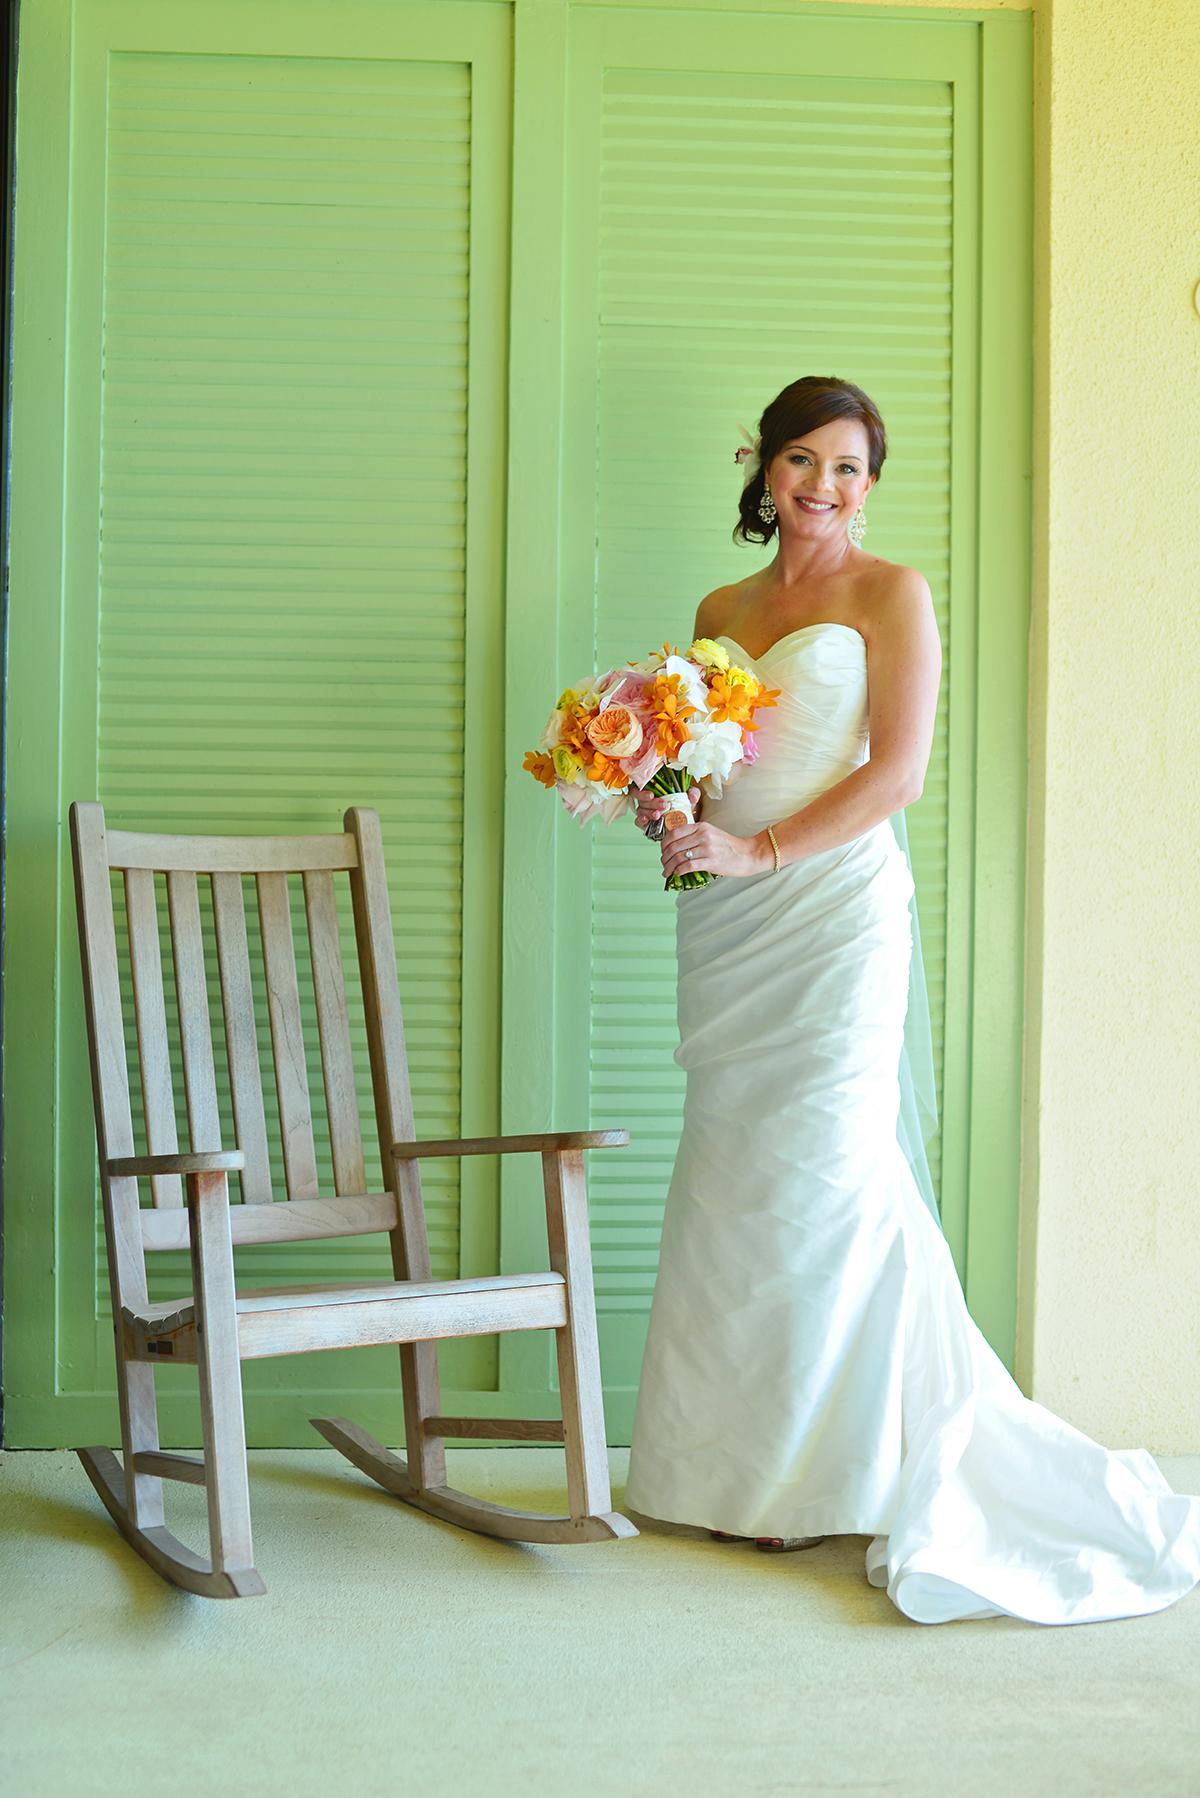 Michelle Garibay Events | Turtle Bay Resort Wedding | Hawaii Destination Wedding Planner